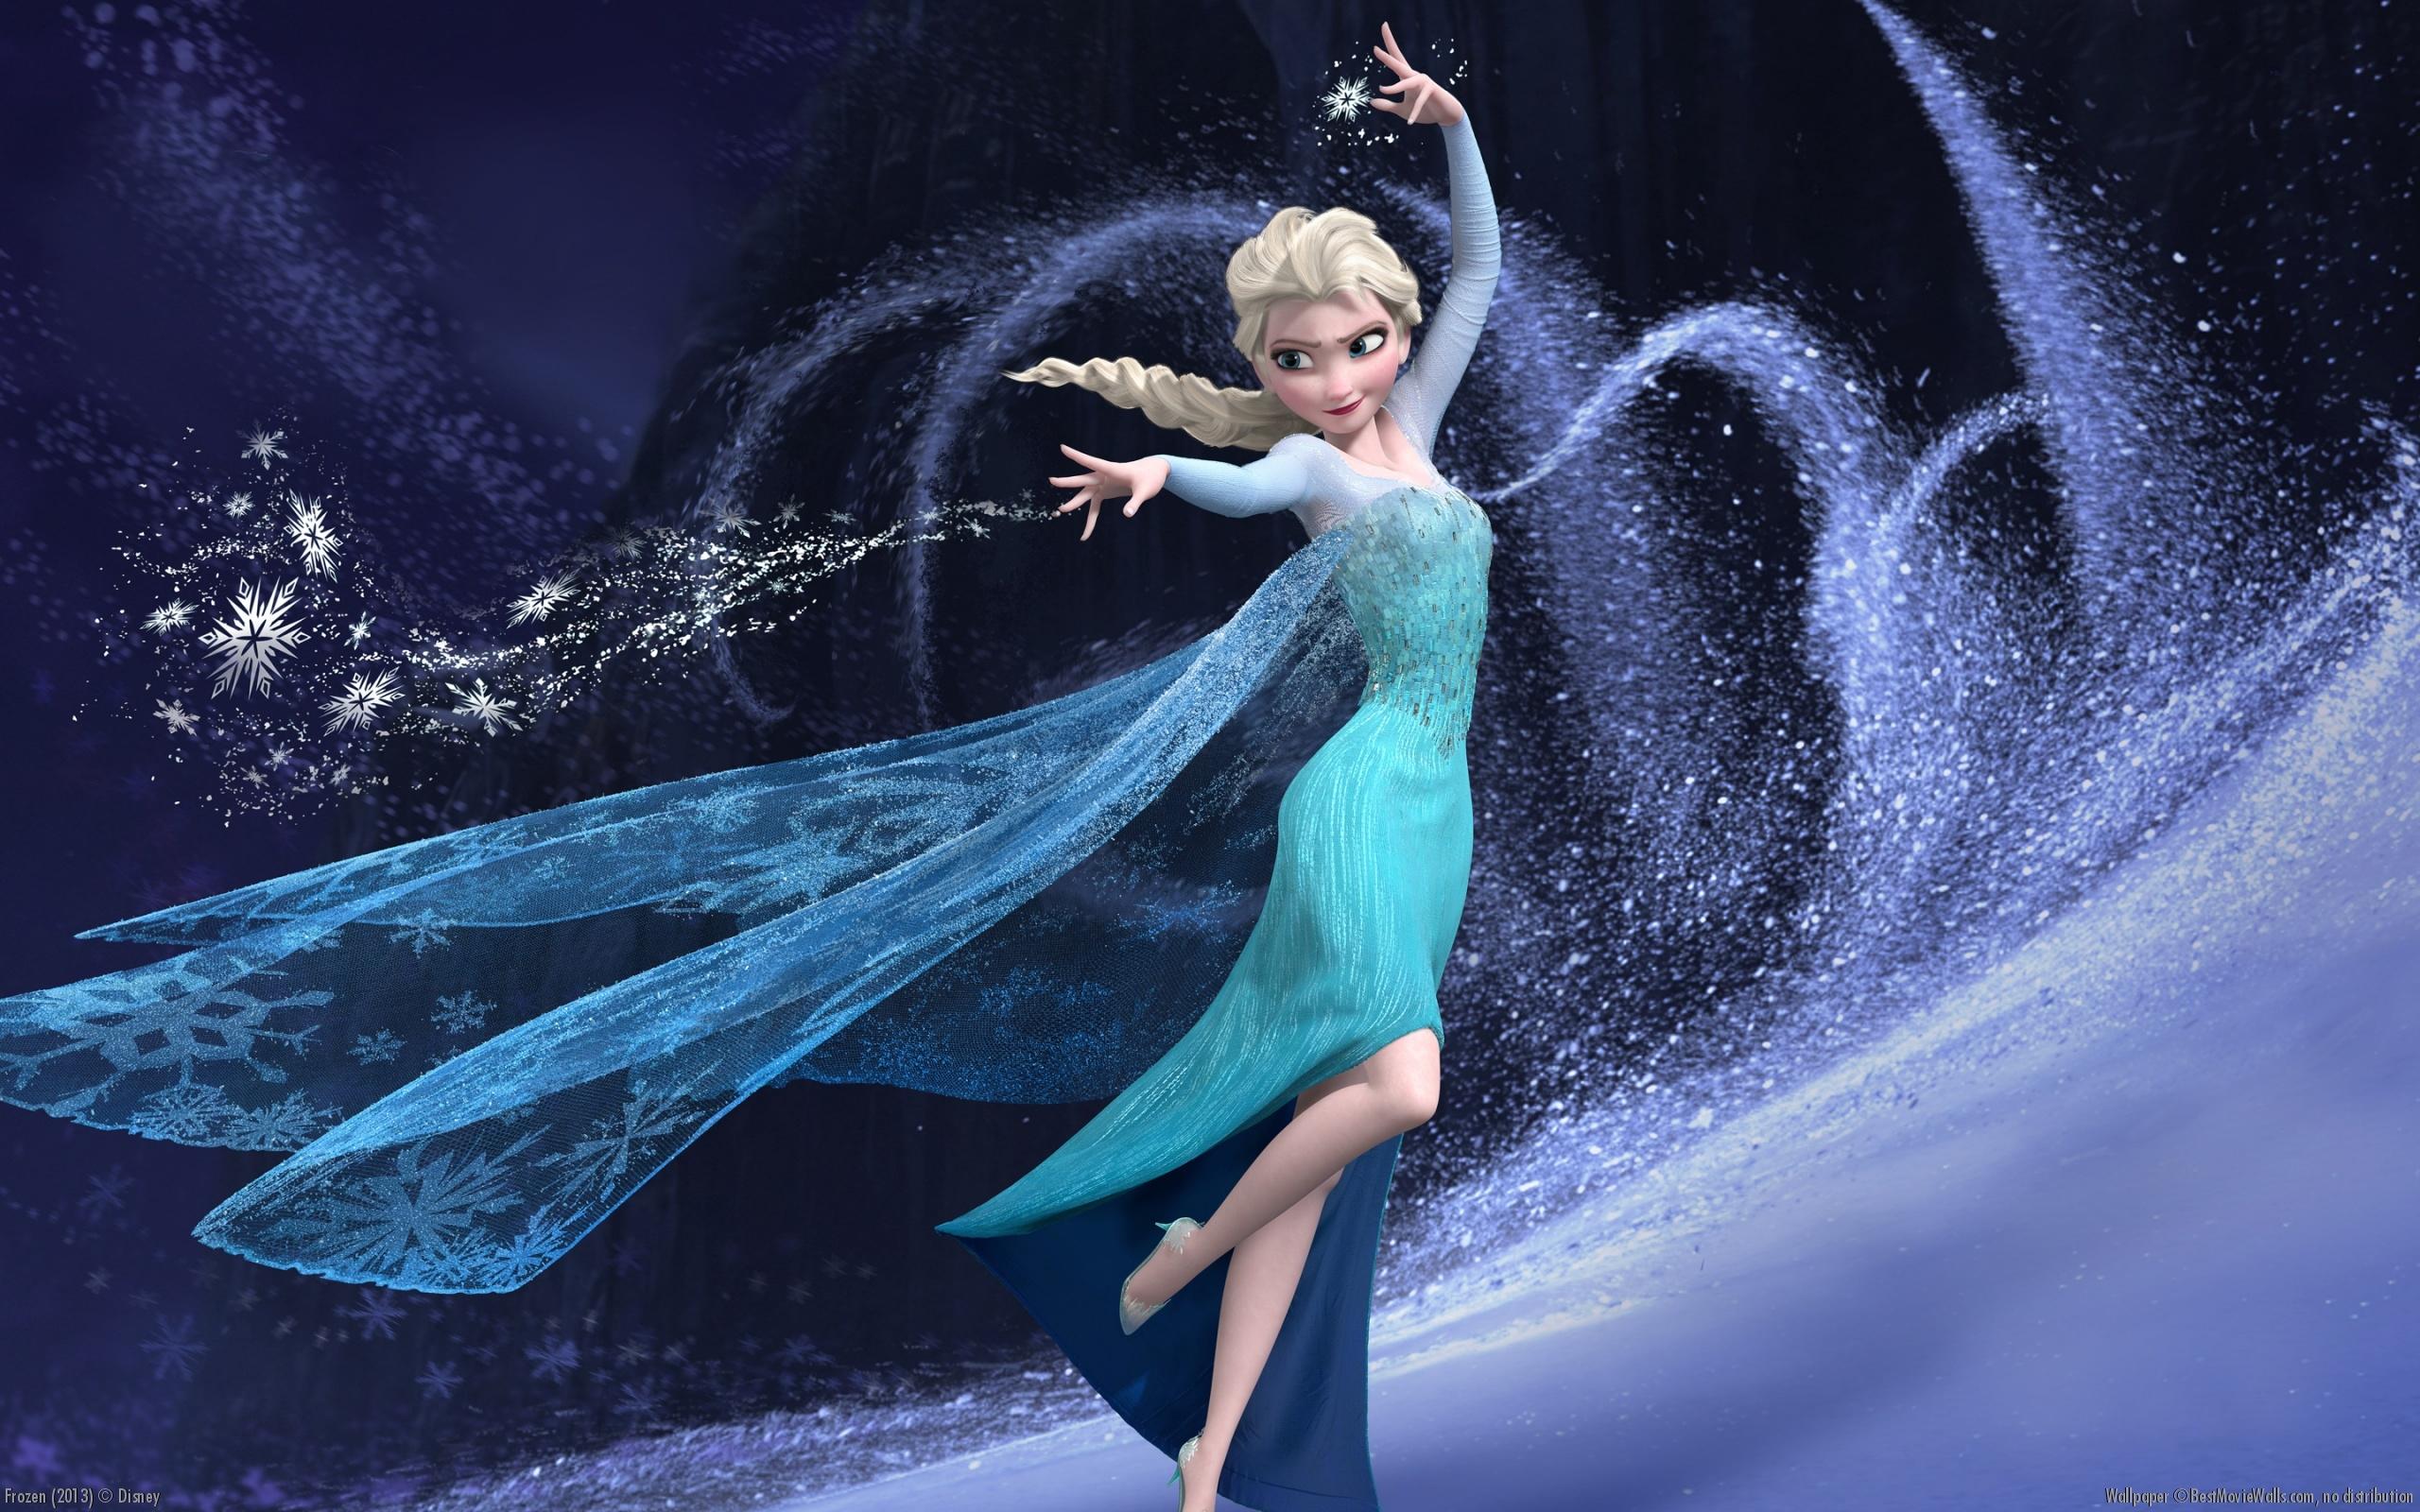 zzzzzzzzzzz PartyFrozen Frozen wallpaper Disney wallpaper e